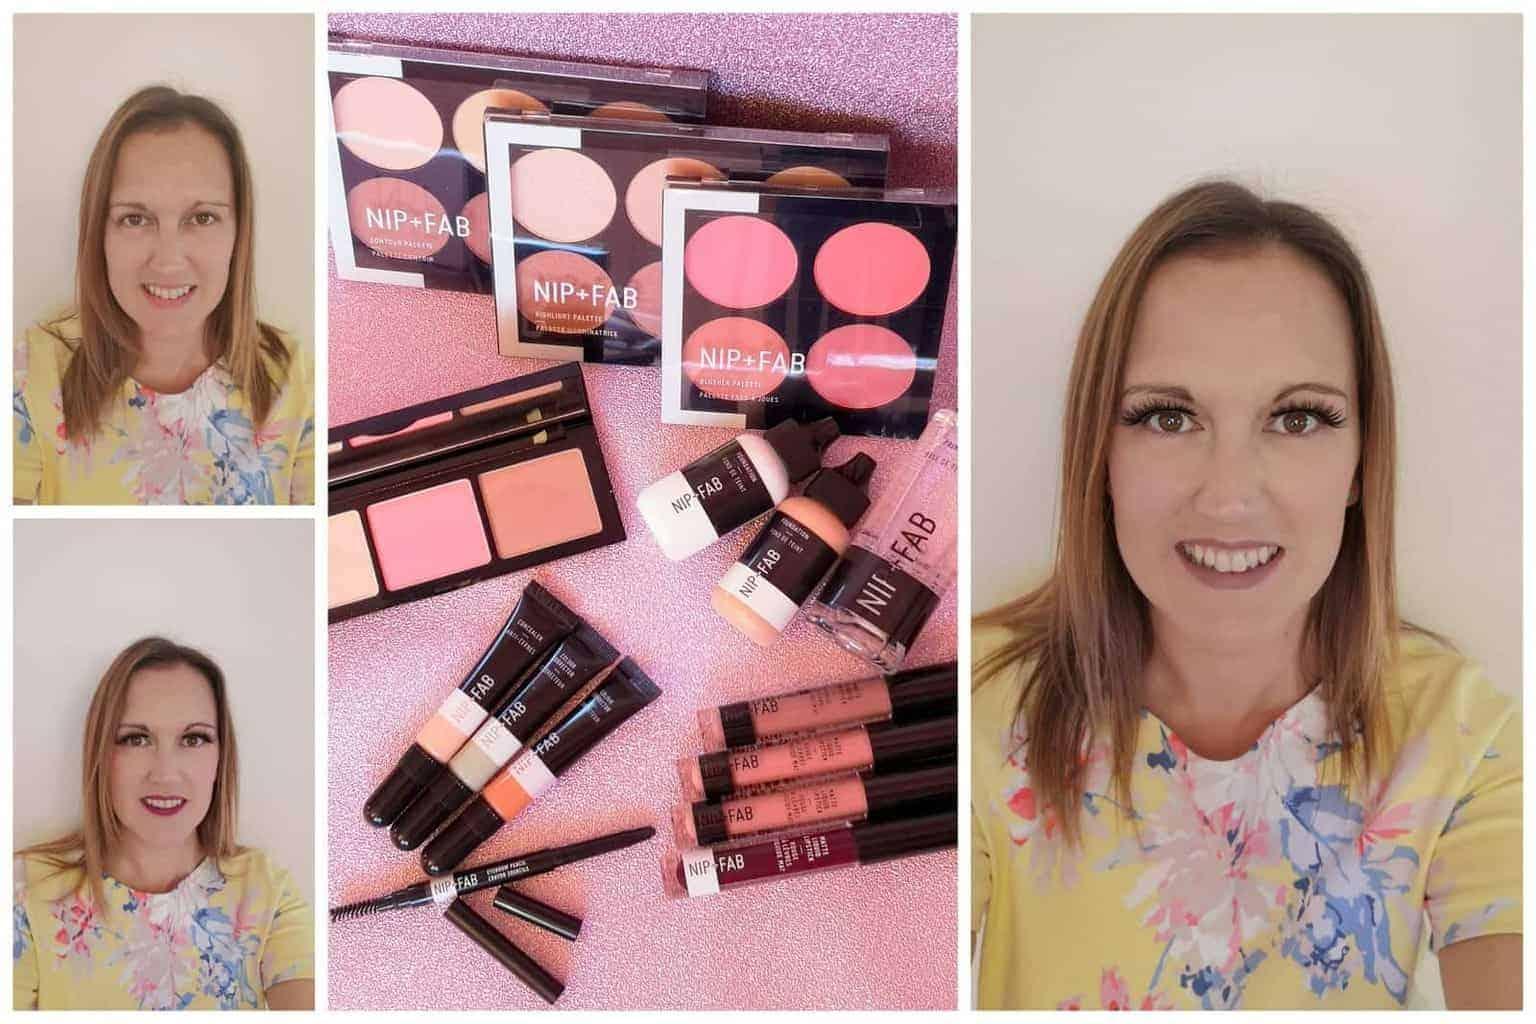 NIP+FAB makeup review